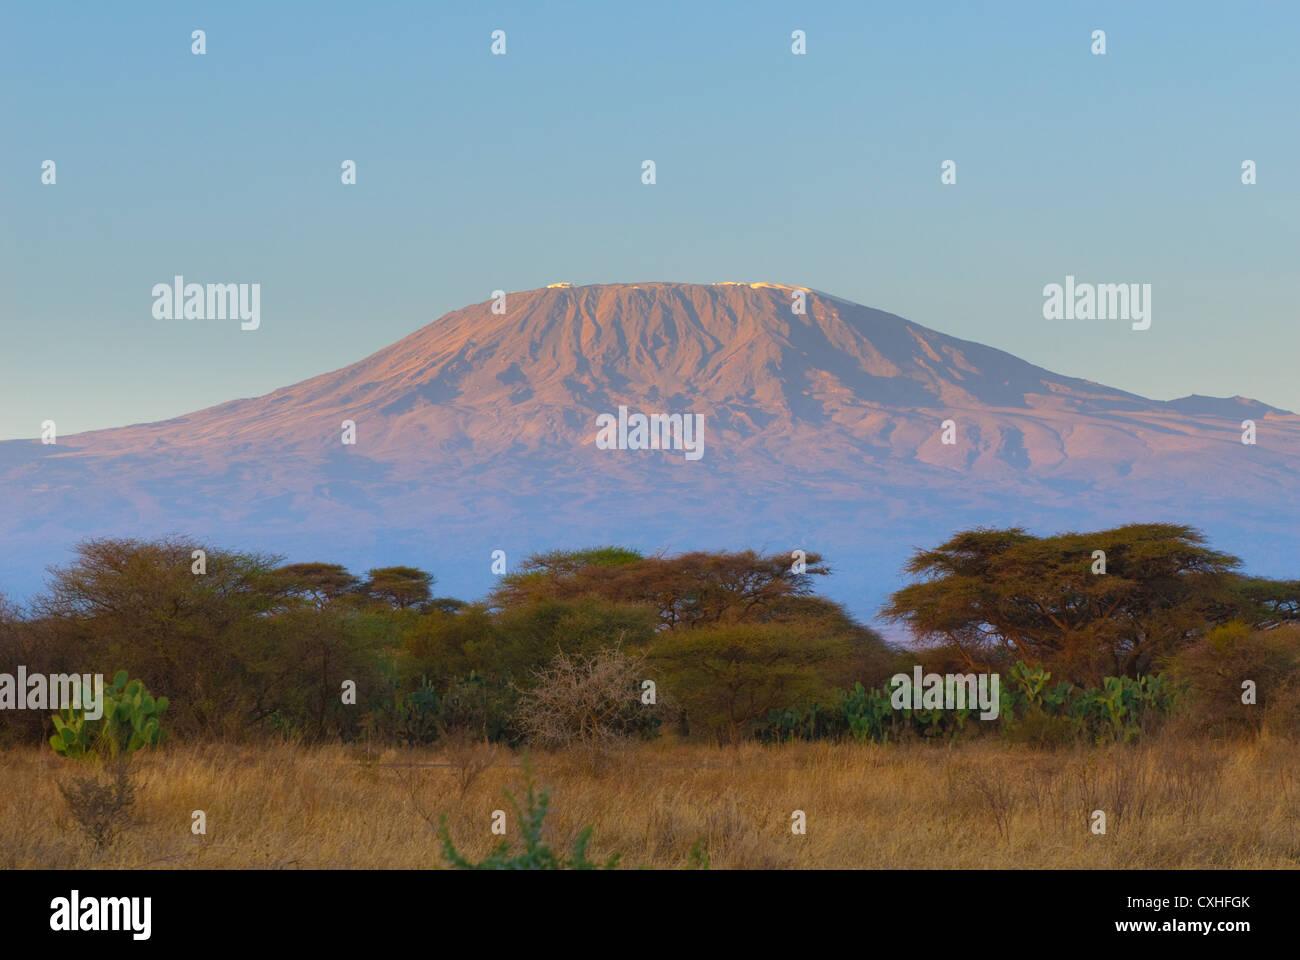 kilimanjaro mountain at the sunrise - Stock Image